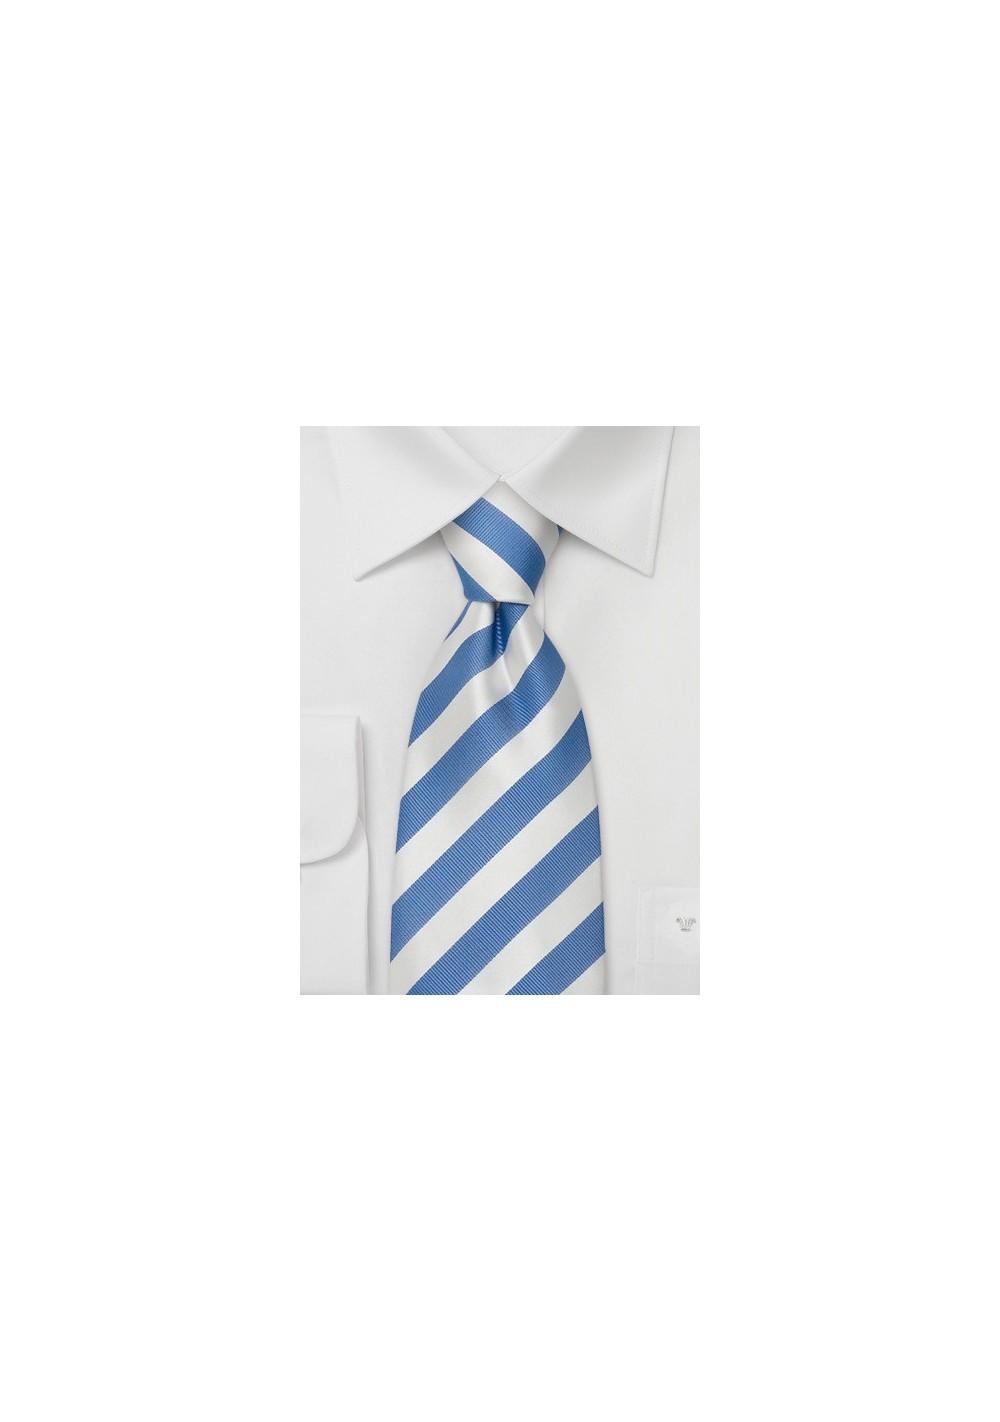 Striped Neckties - Light blue & white striped silk tie